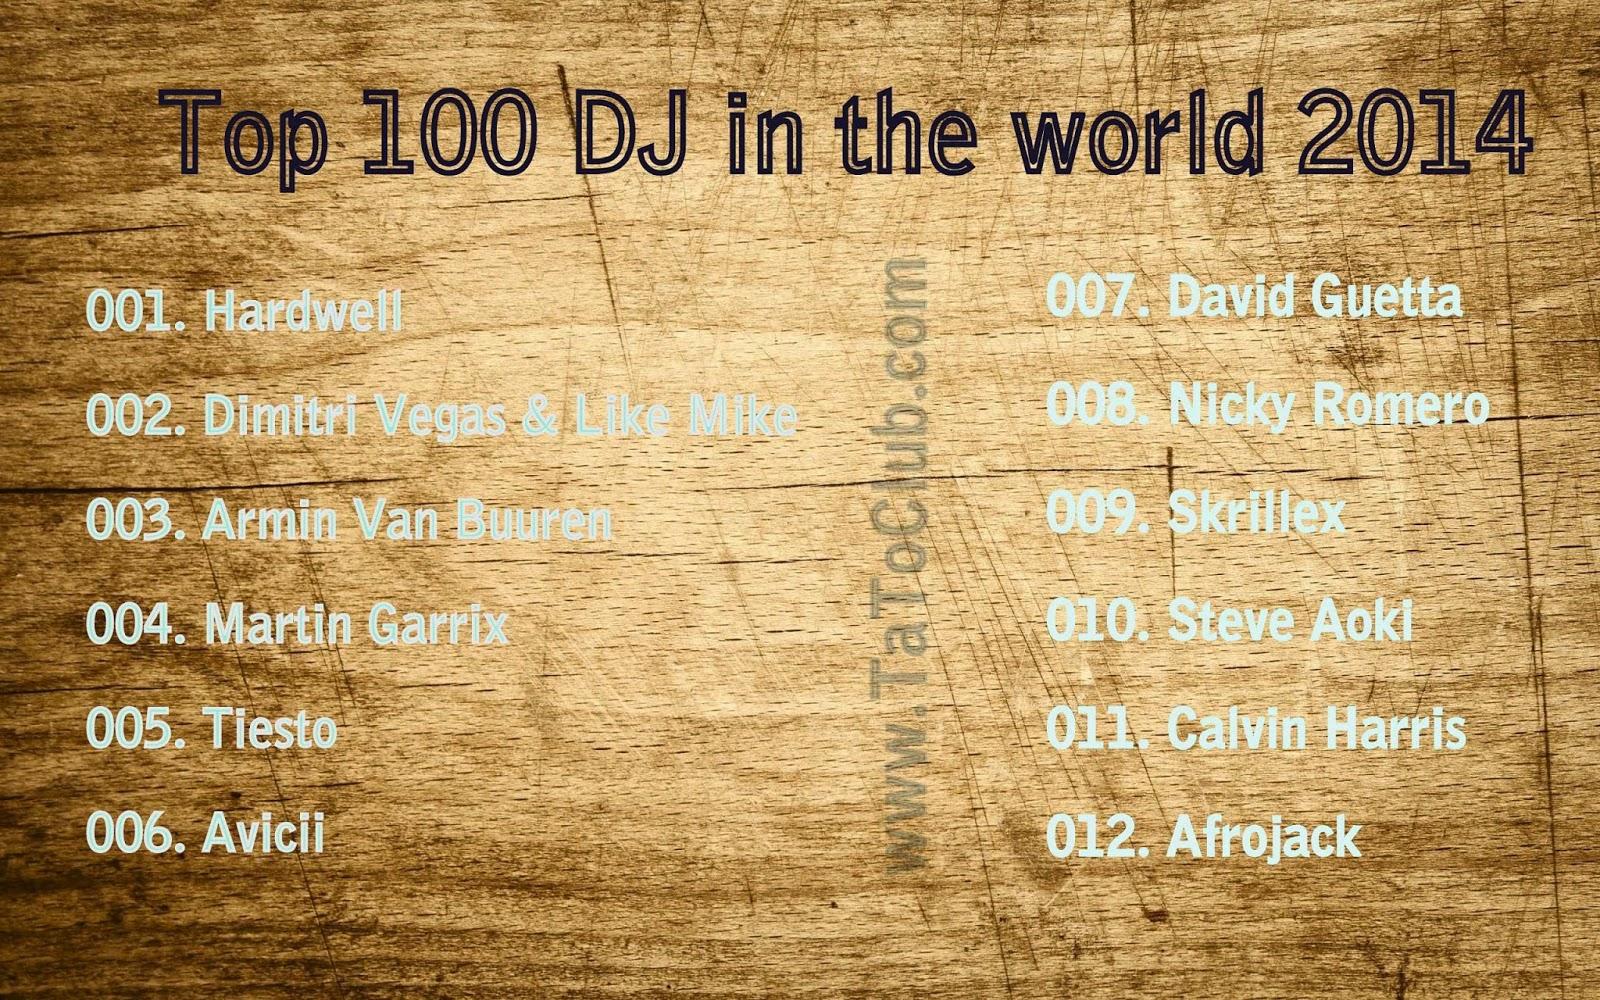 Top 100 DJ